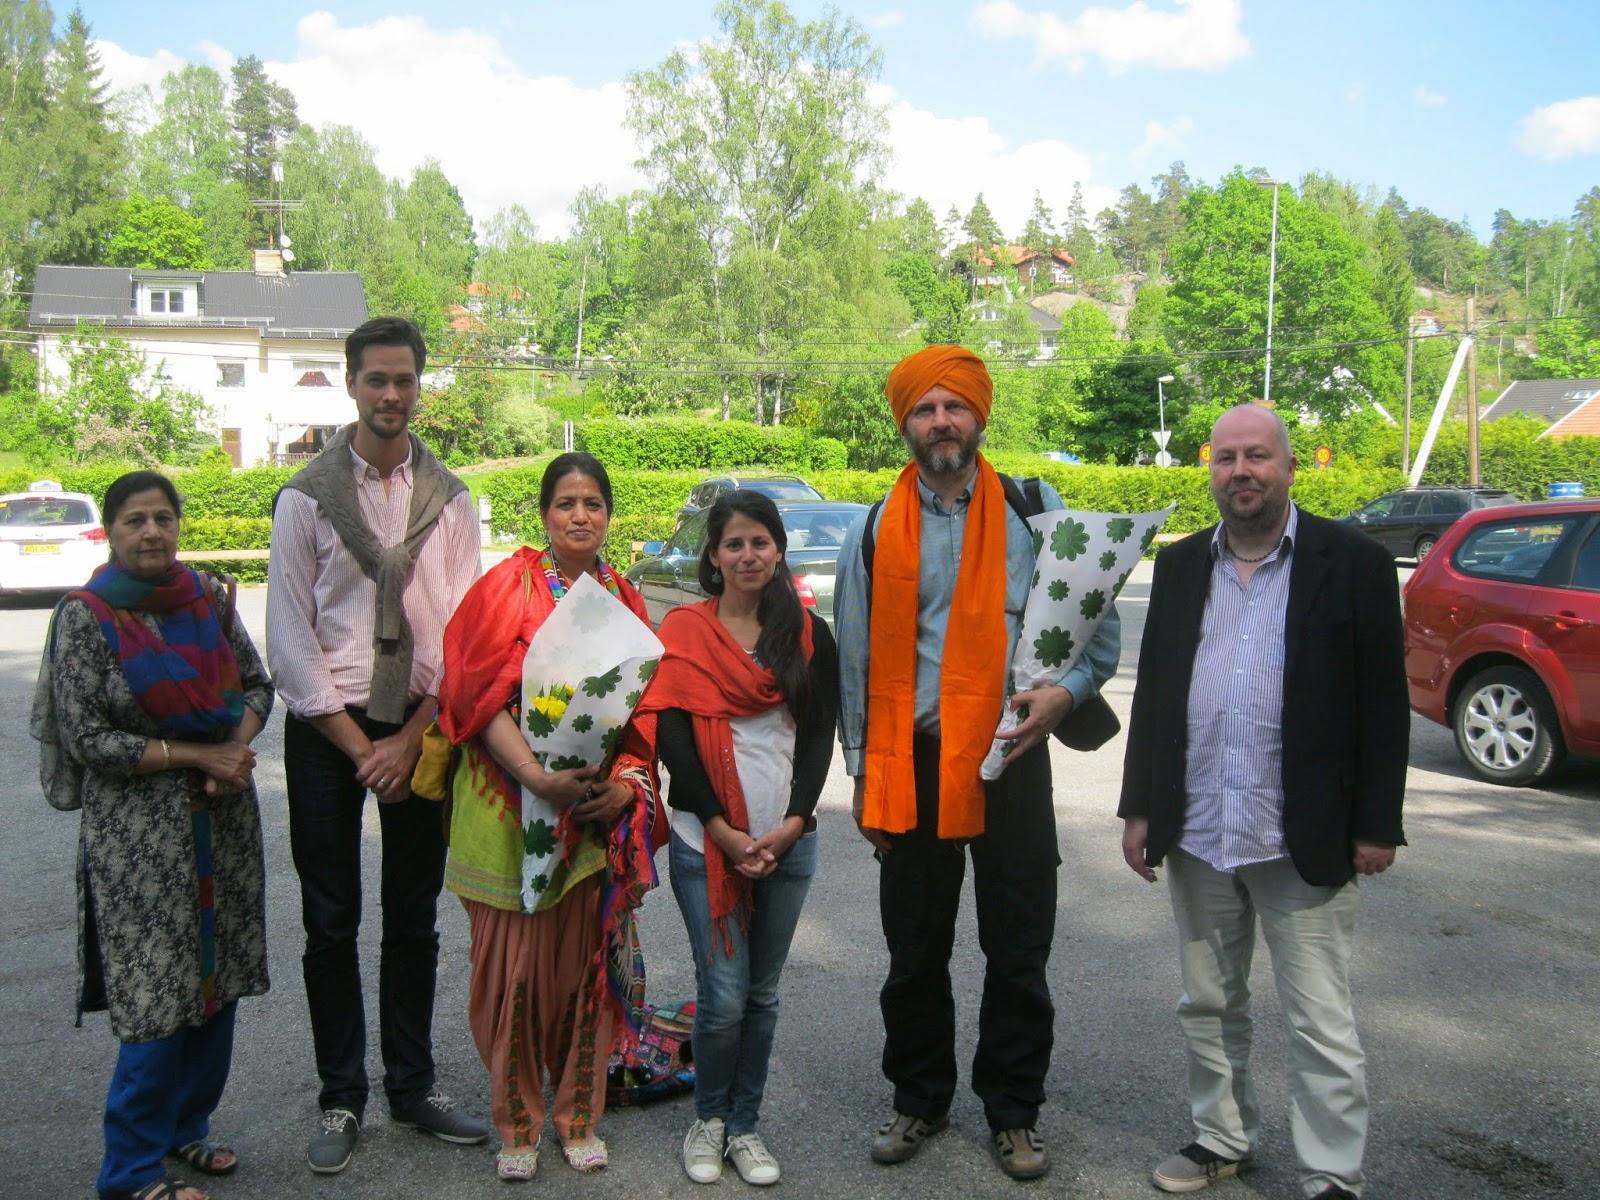 Indians living in sweden